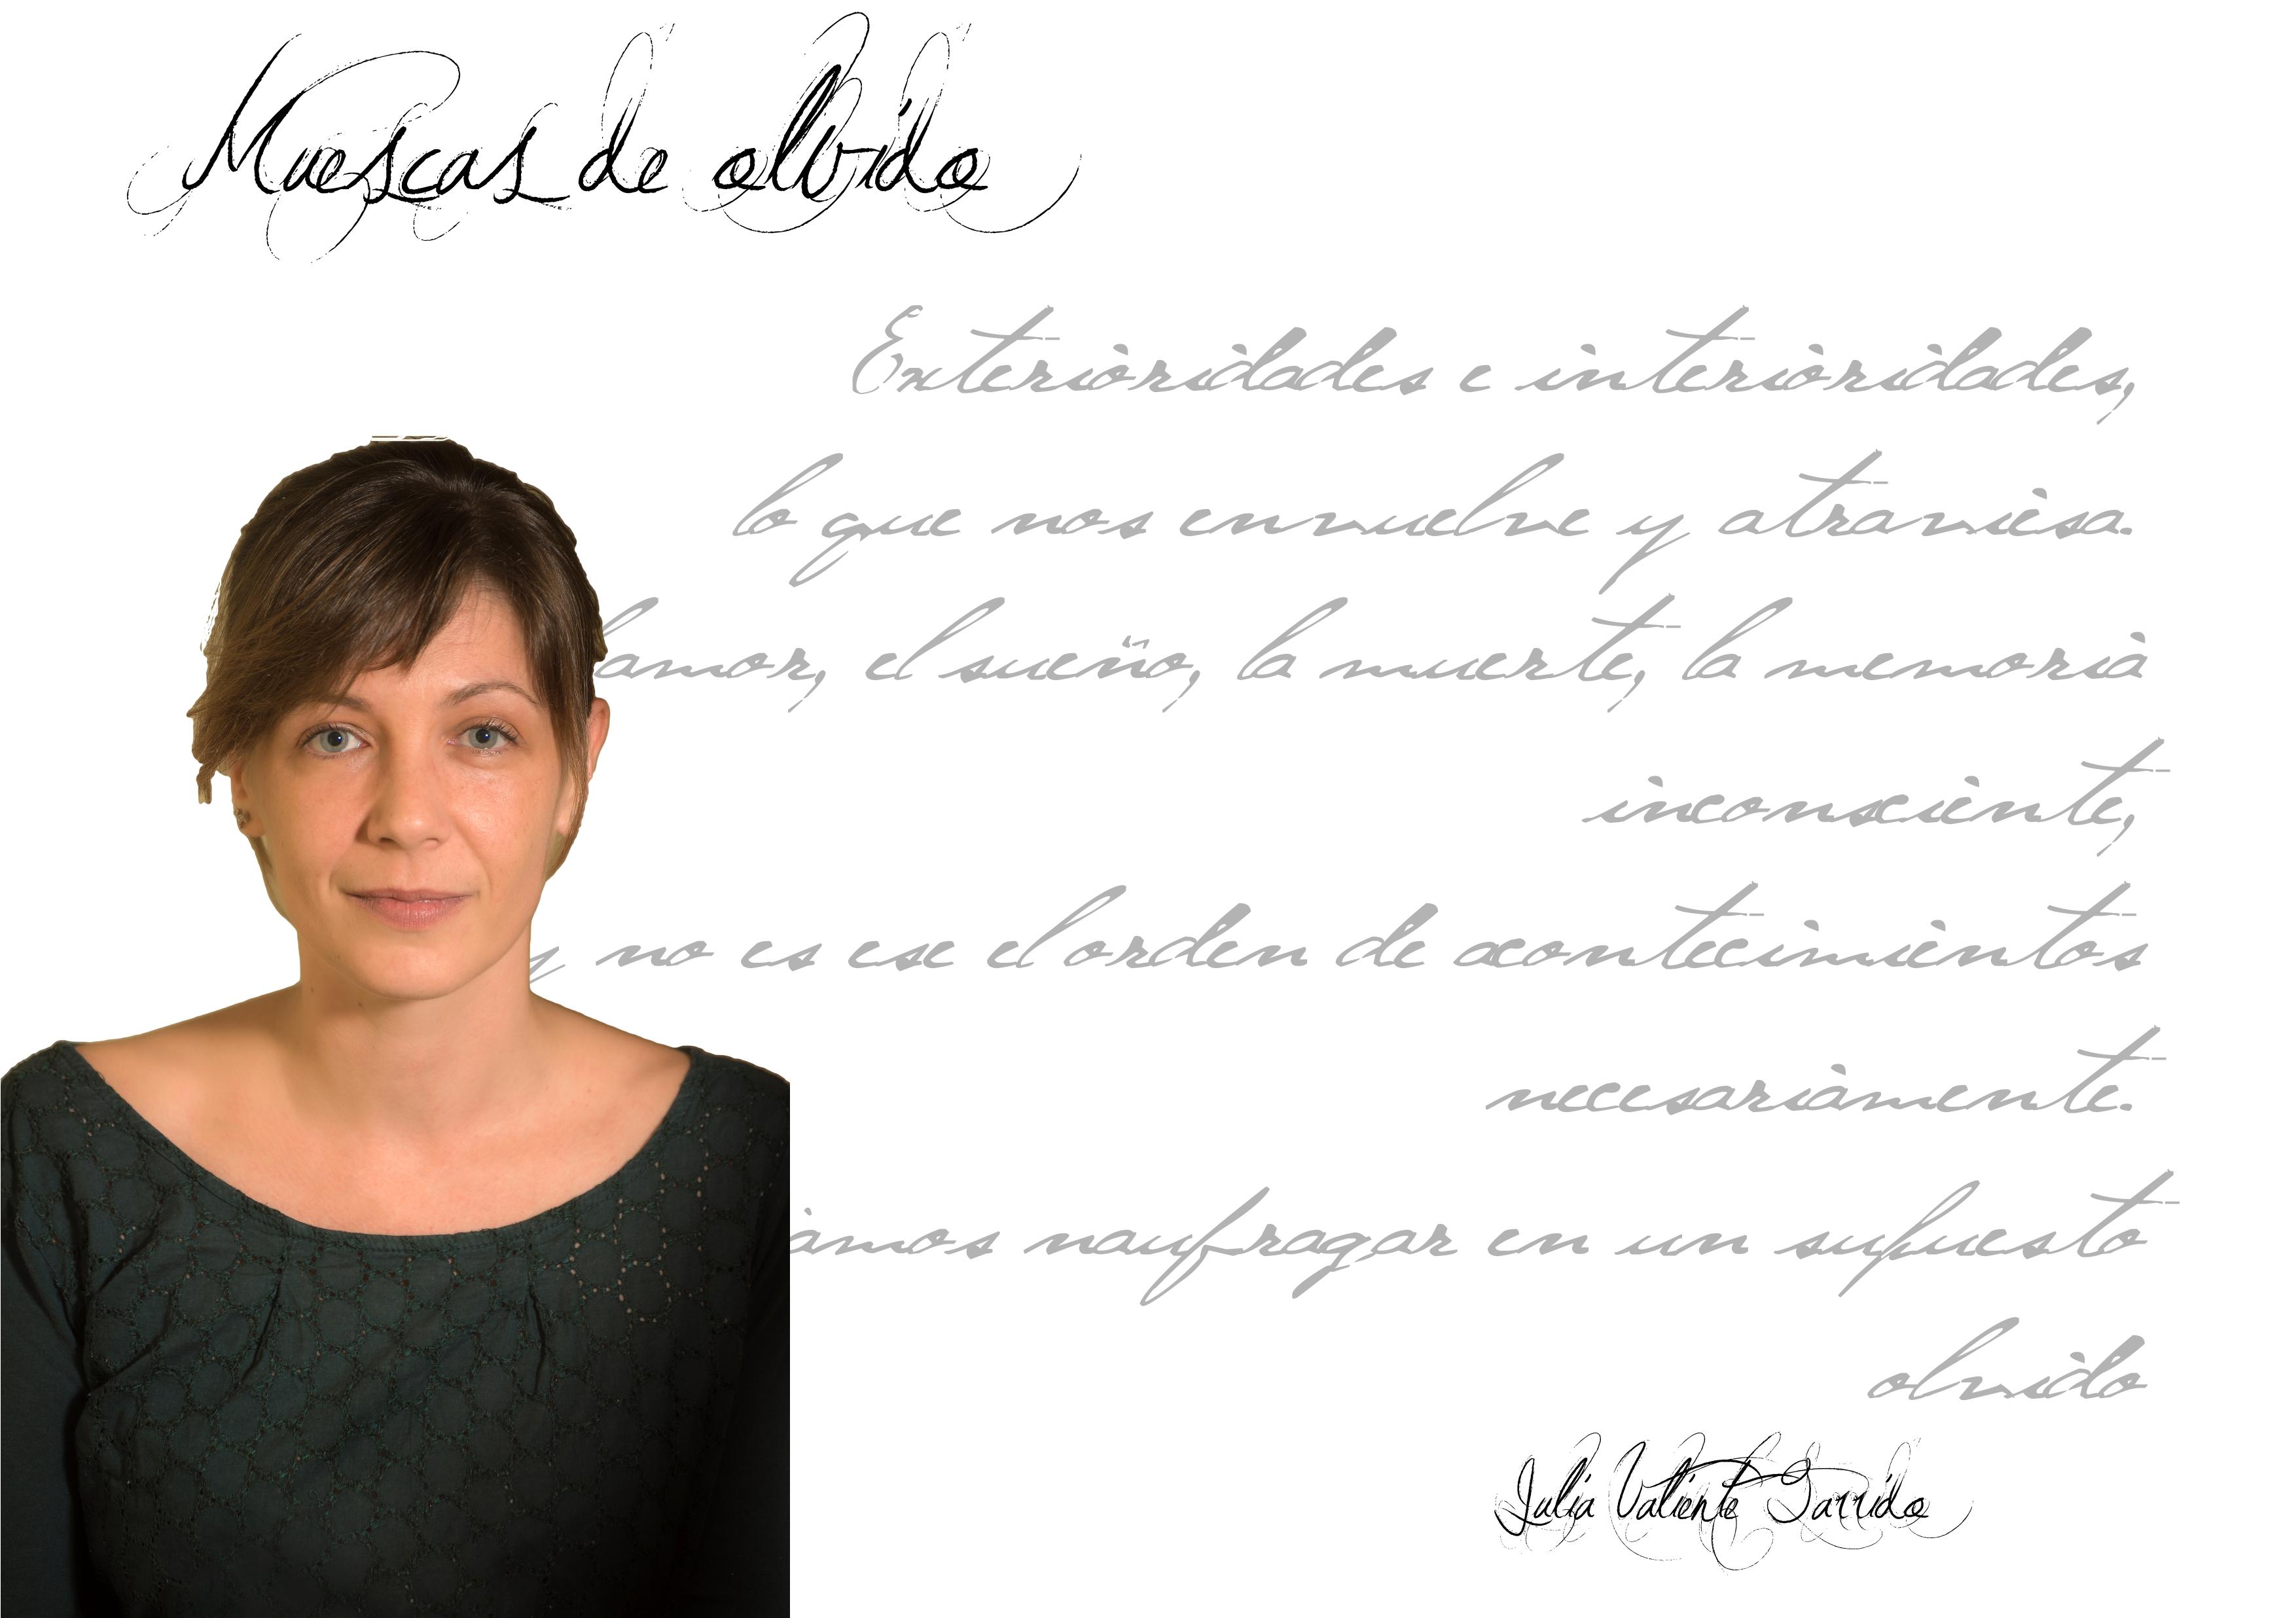 """Julia Valiente Garrido muescas de olvido - FichaAutorJuliaValiente - Julia Valiente Garrido: """"Cualquier tipo de arte es un gesto de valentía"""" revista de poesía - FichaAutorJuliaValiente - Revista de poesía. Revista Poesía eres tú."""